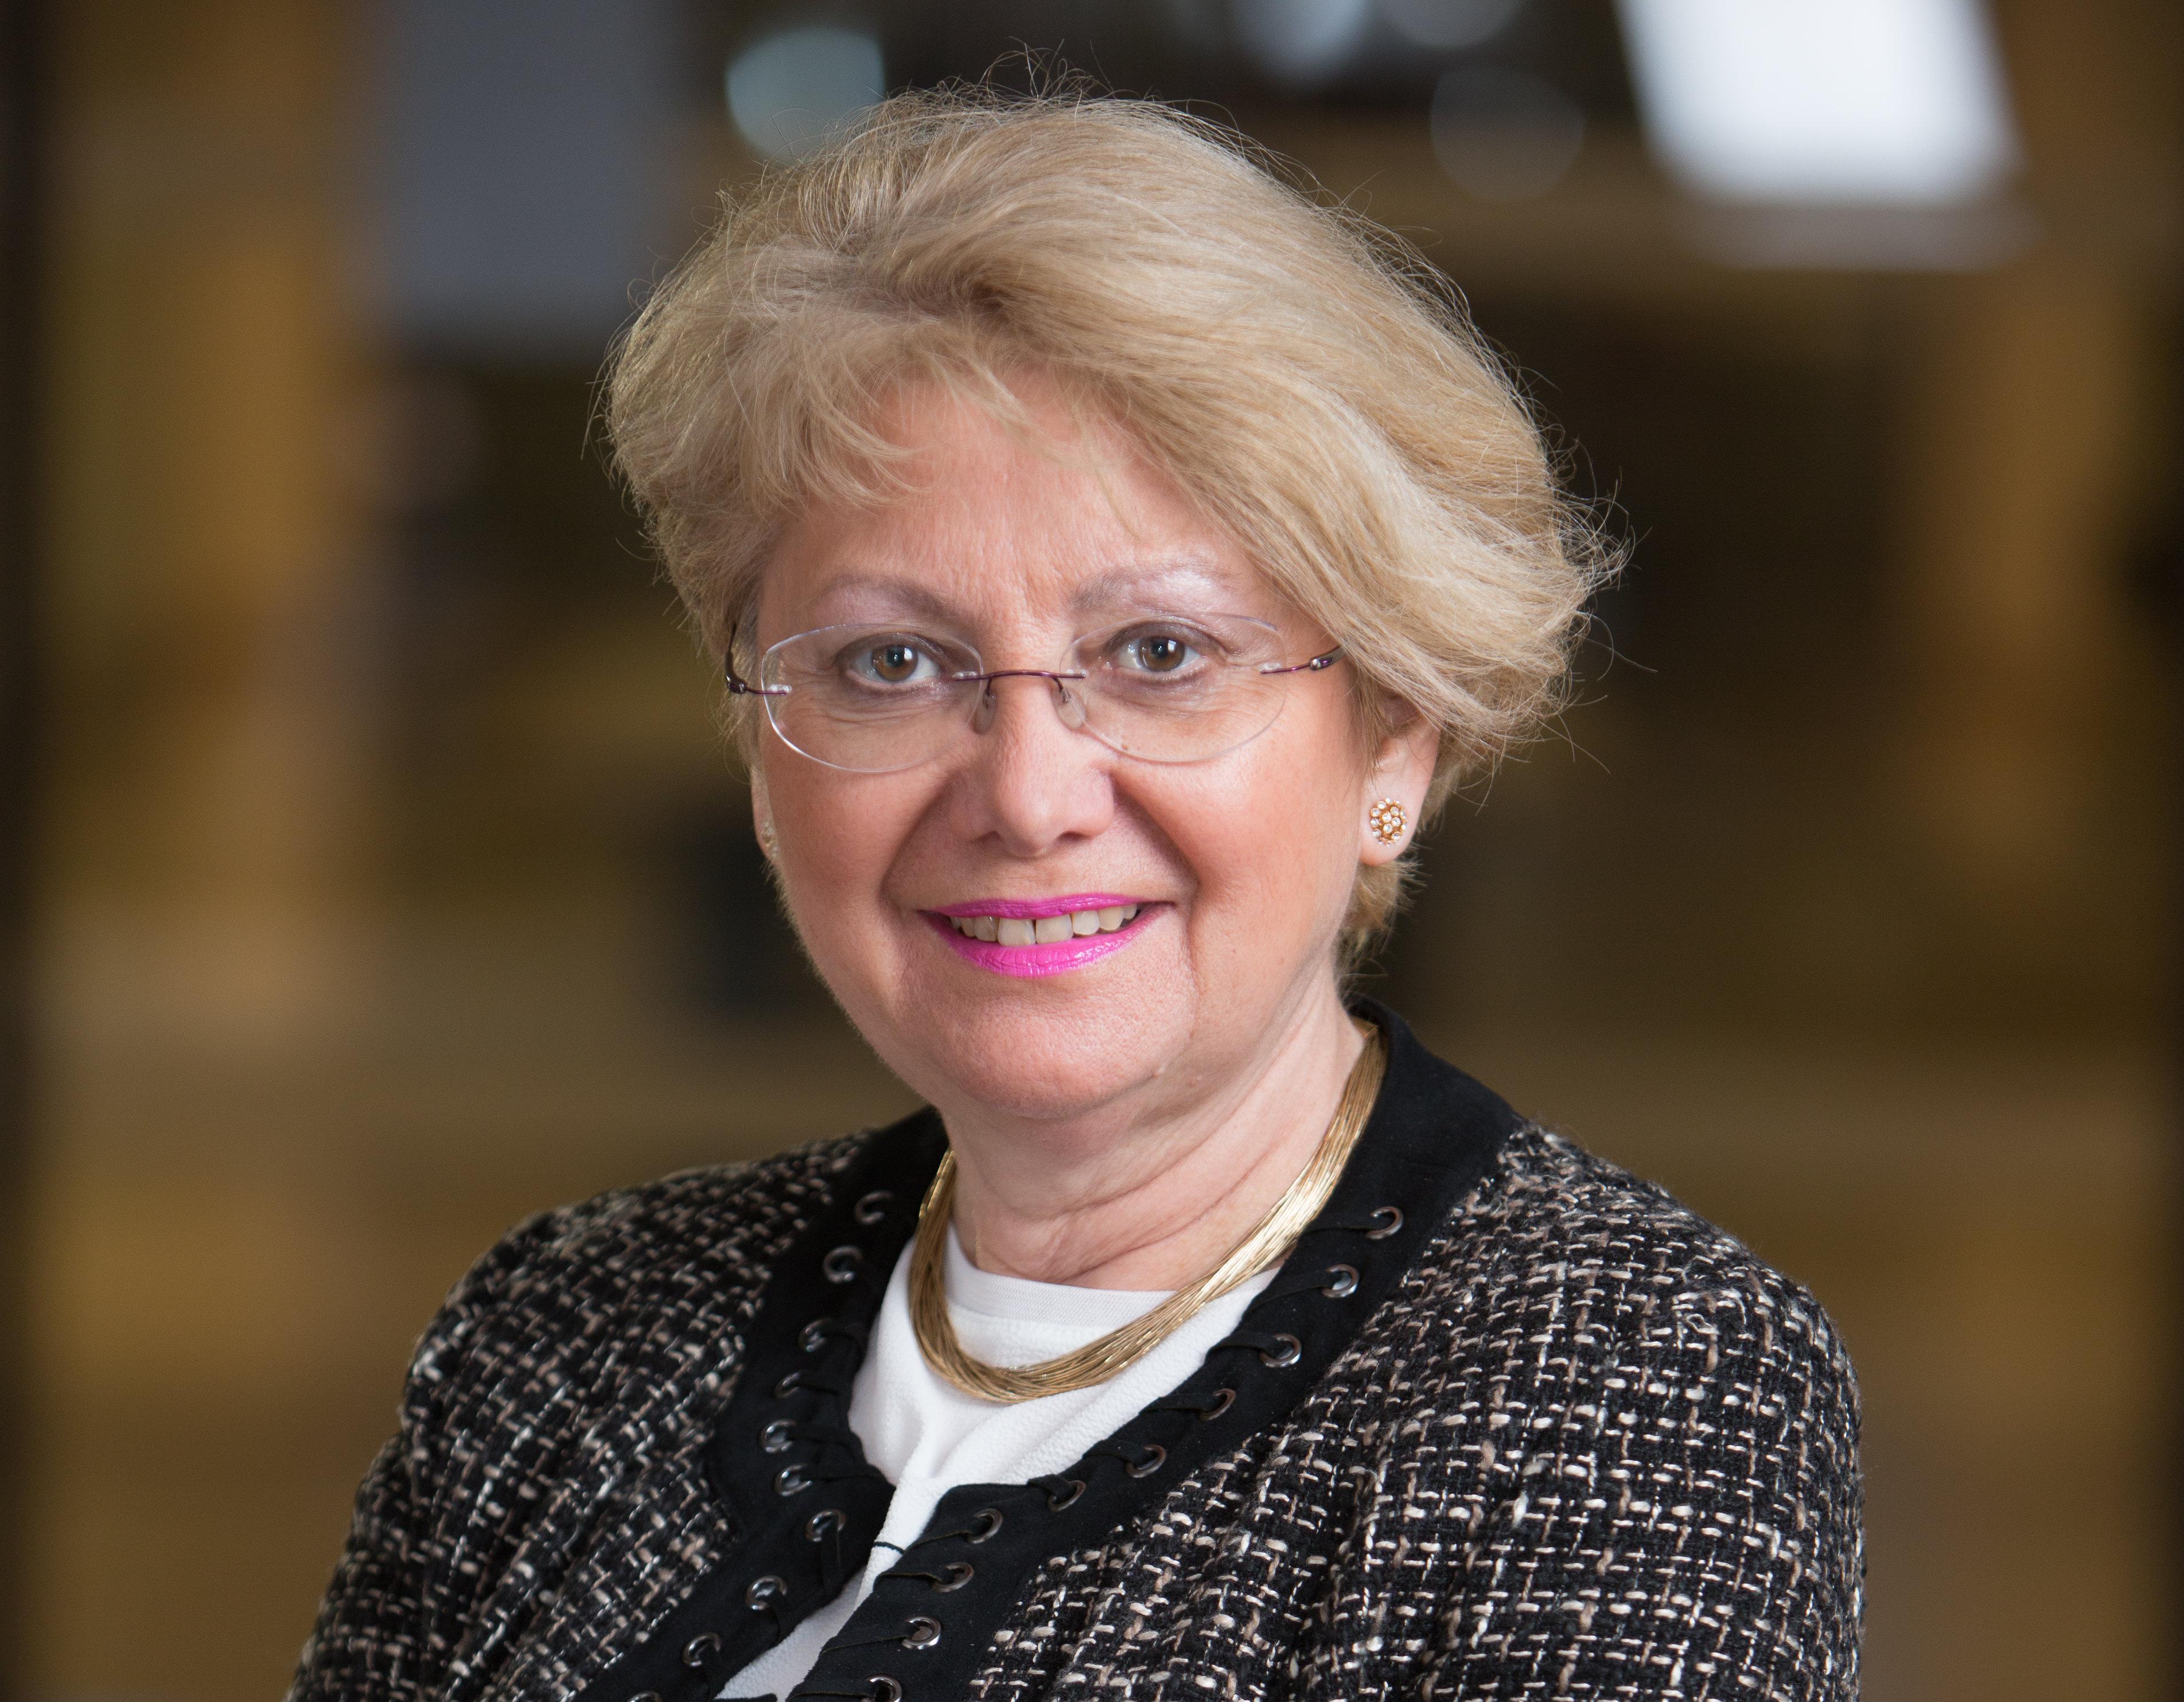 « La dynamique de croissance de l'Économie verte est forte » assure Marie-Anne Poussin-Delmas, Dirigeante des Instituts d'Émission d'Outre-mer